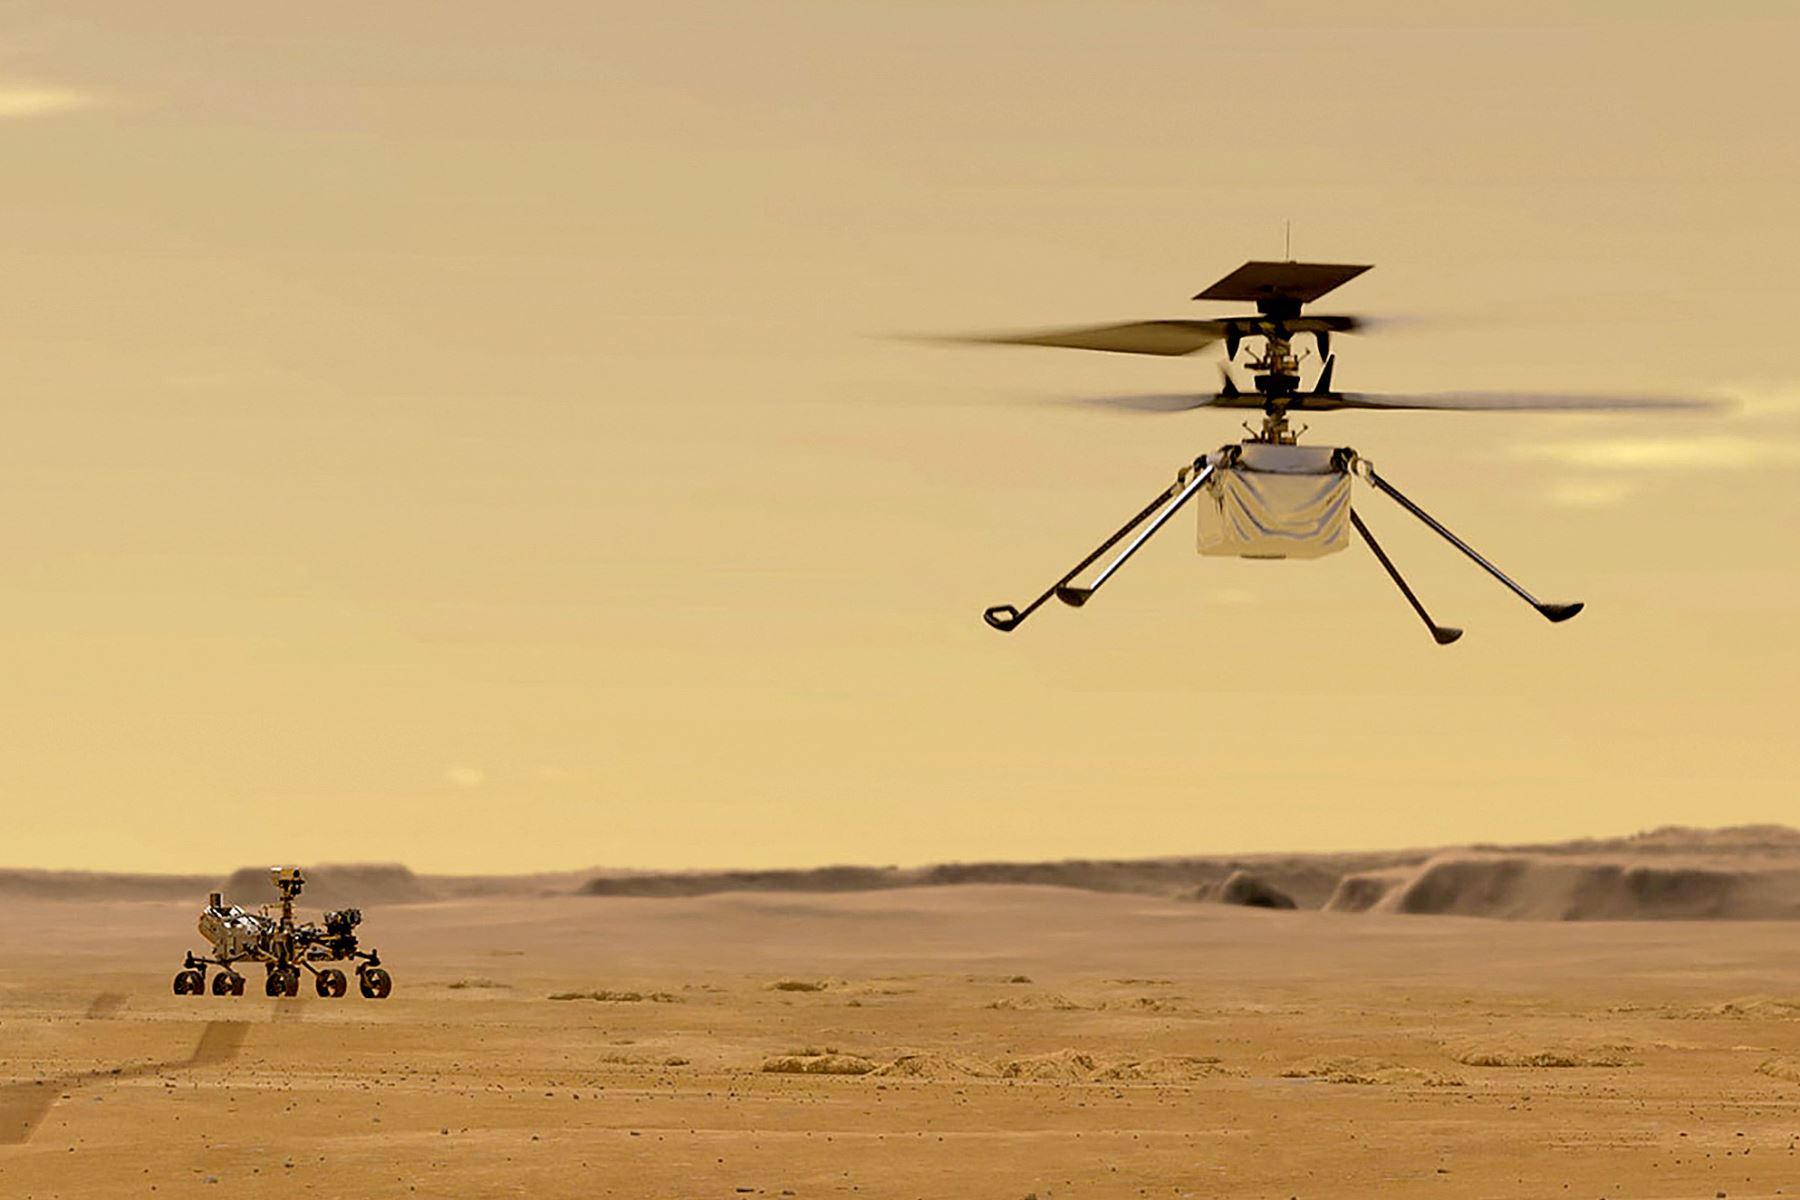 La atmósfera marciana tiene aproximadamente un 1 % de la densidad de la de nuestro planeta, lo que hace que todo sea mucho más silencioso que en la Tierra. Foto: AFP